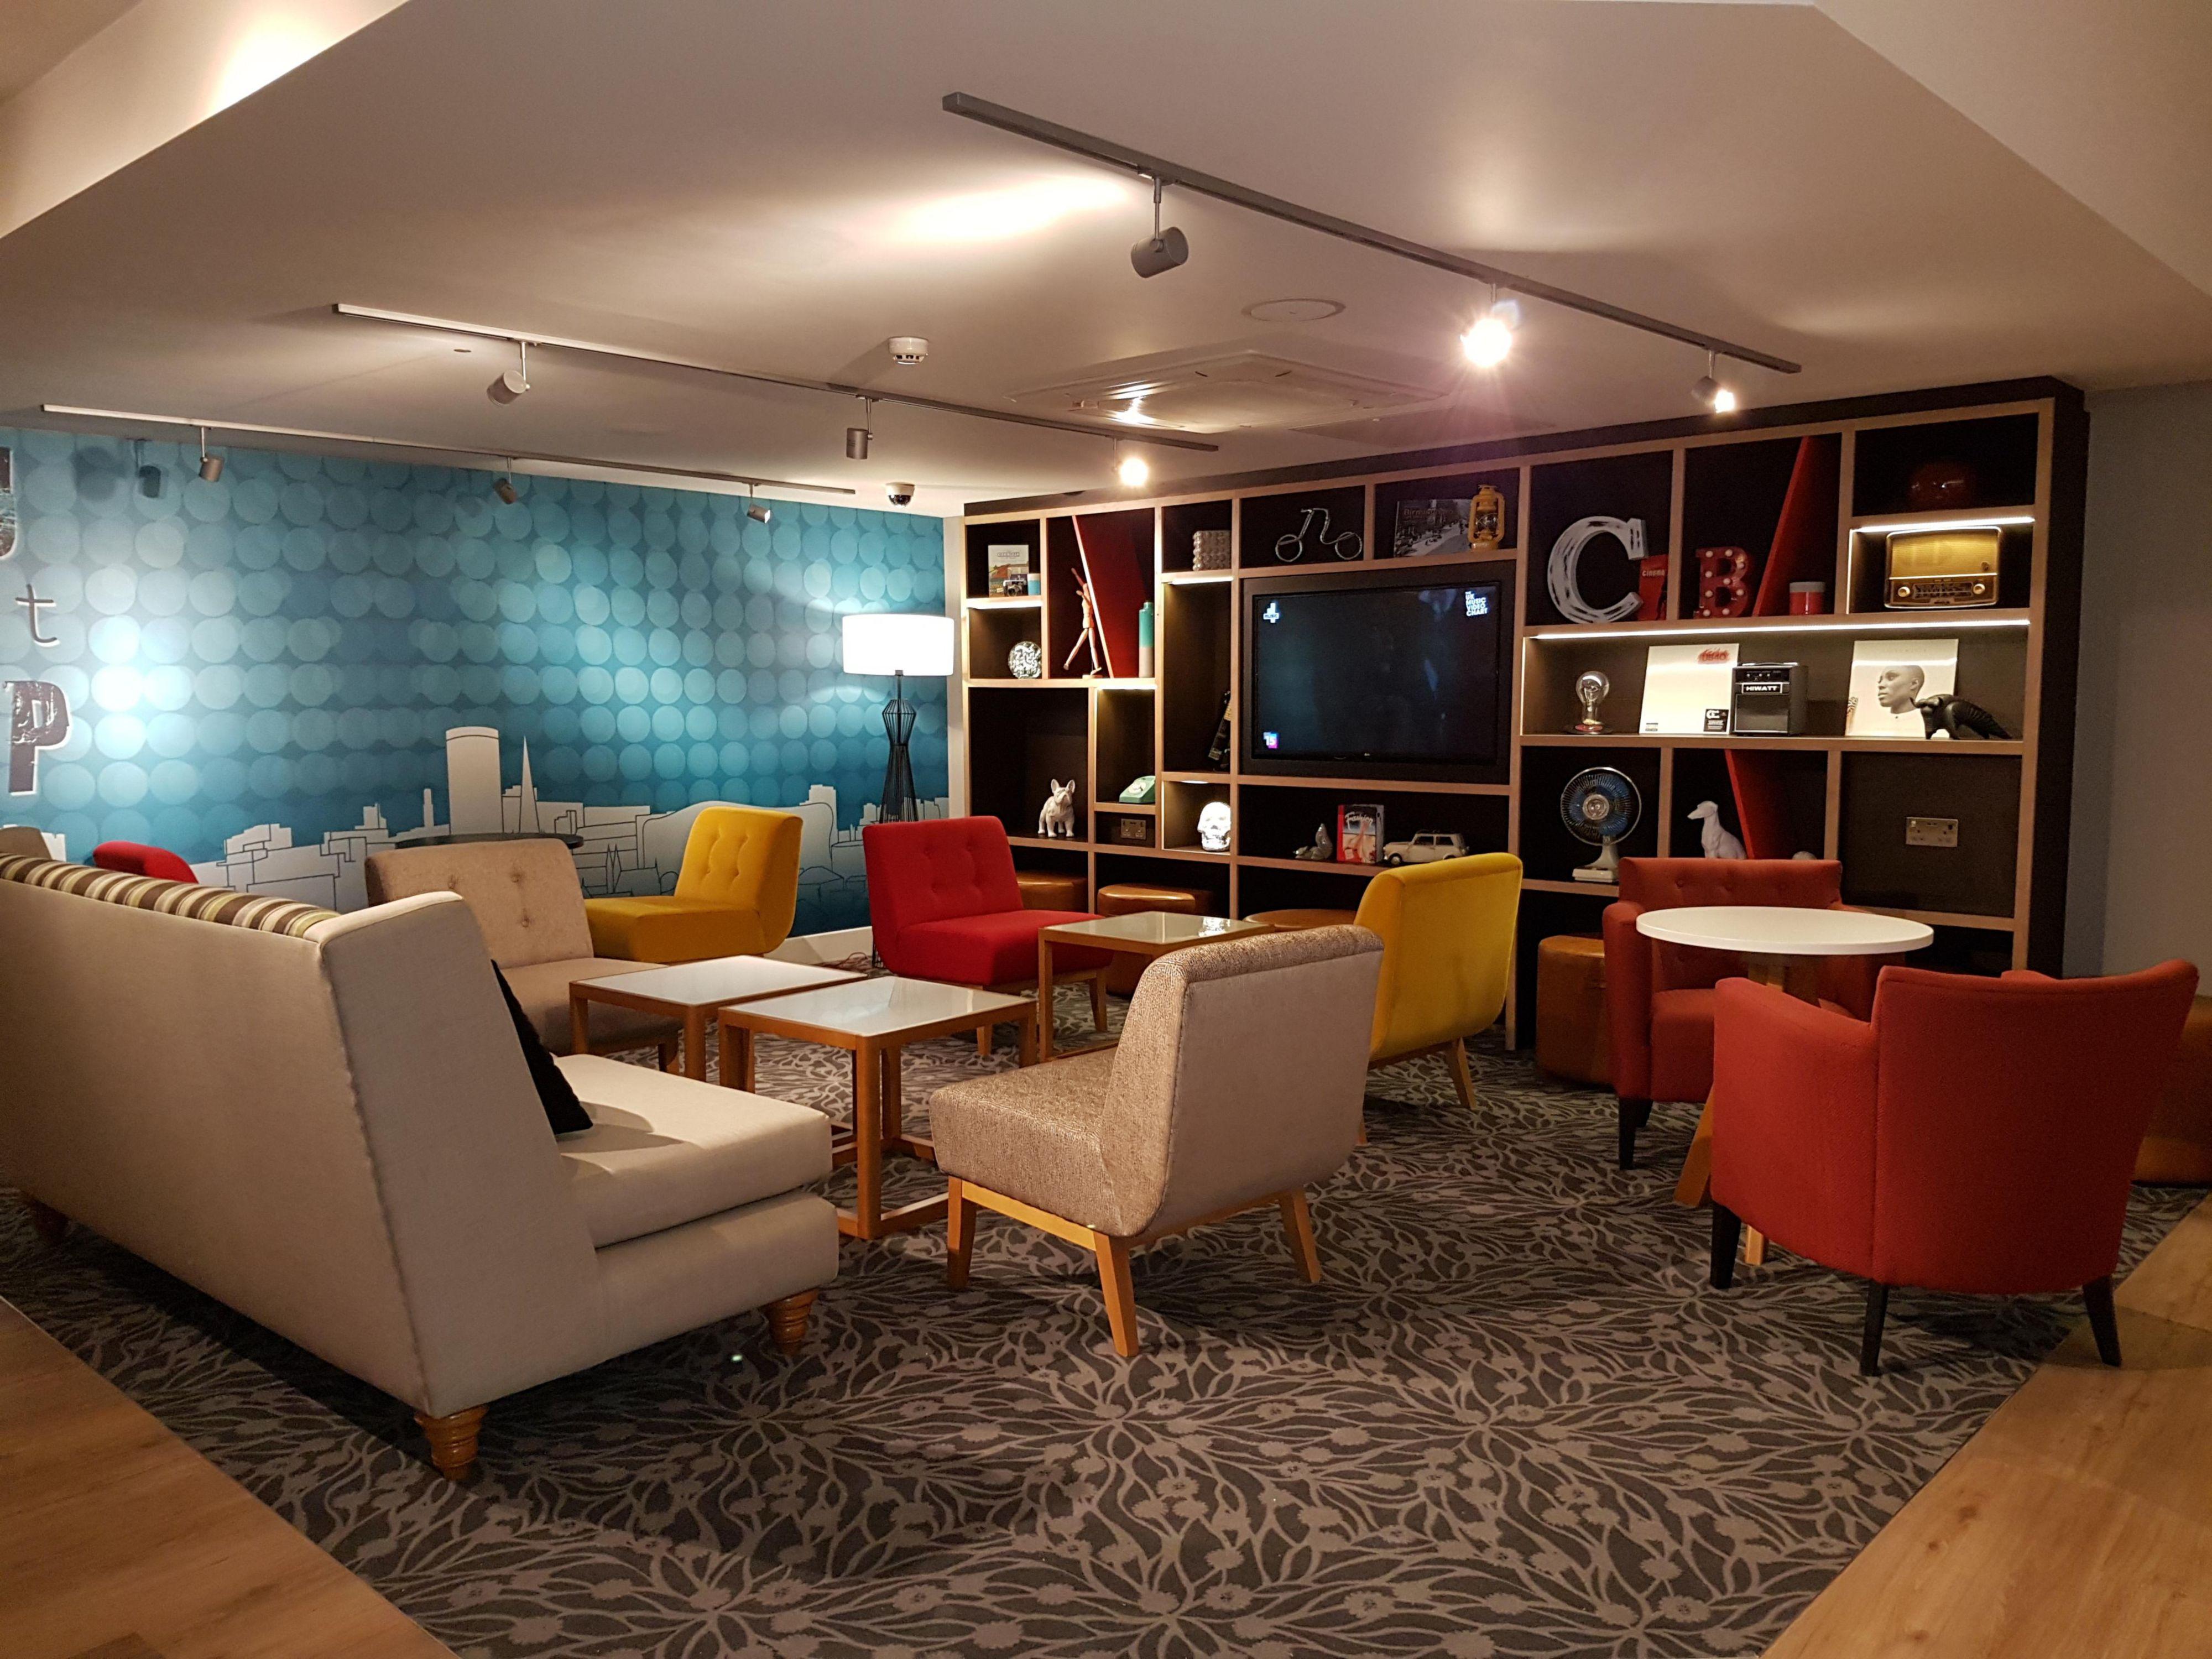 hotel near icc - holiday inn birmingham city centre - united kingdom